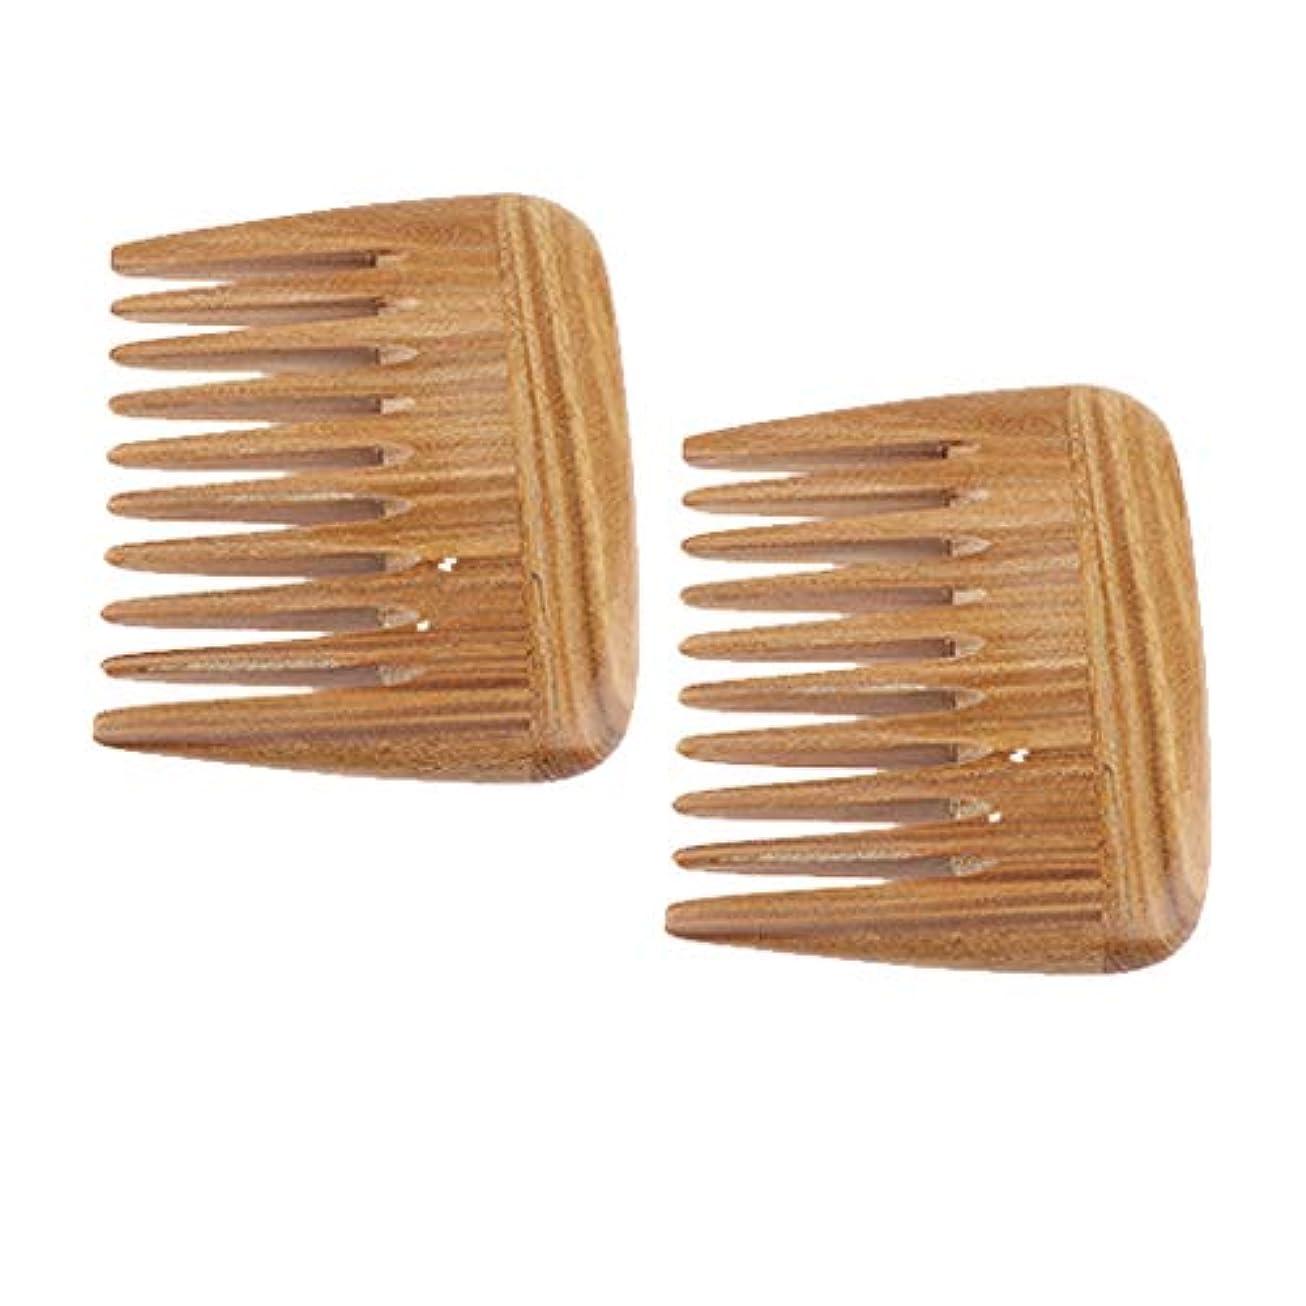 薬理学どれ子供っぽいレトロポケットブラシ 静電気 防止天然マッサージ広い歯 髪の櫛 2個入り